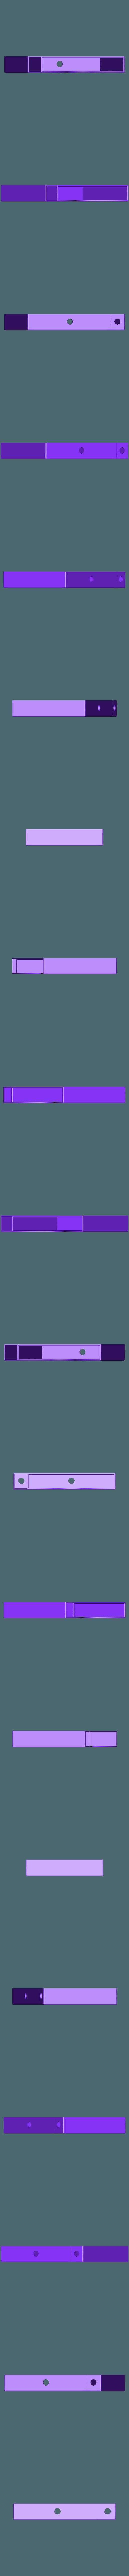 fridge_organiser_MCKO.stl Télécharger fichier STL gratuit Organisateur de réfrigérateur • Modèle imprimable en 3D, mcko